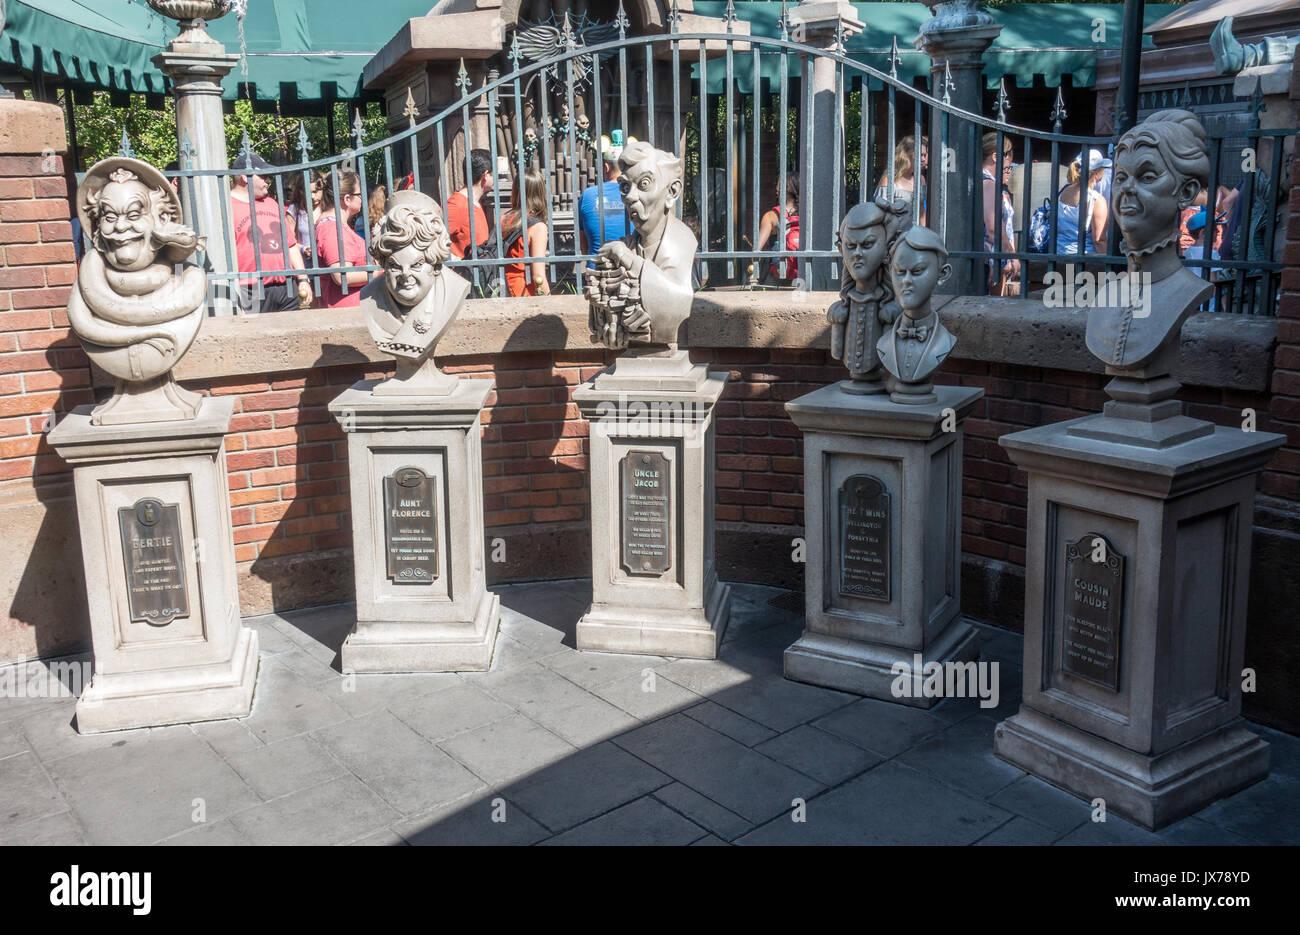 Dread bustes de la famille dans la file d'attente pour le manoir hanté dans le royaume magique, Walt Disney World, Orlando, Floride. Photo Stock